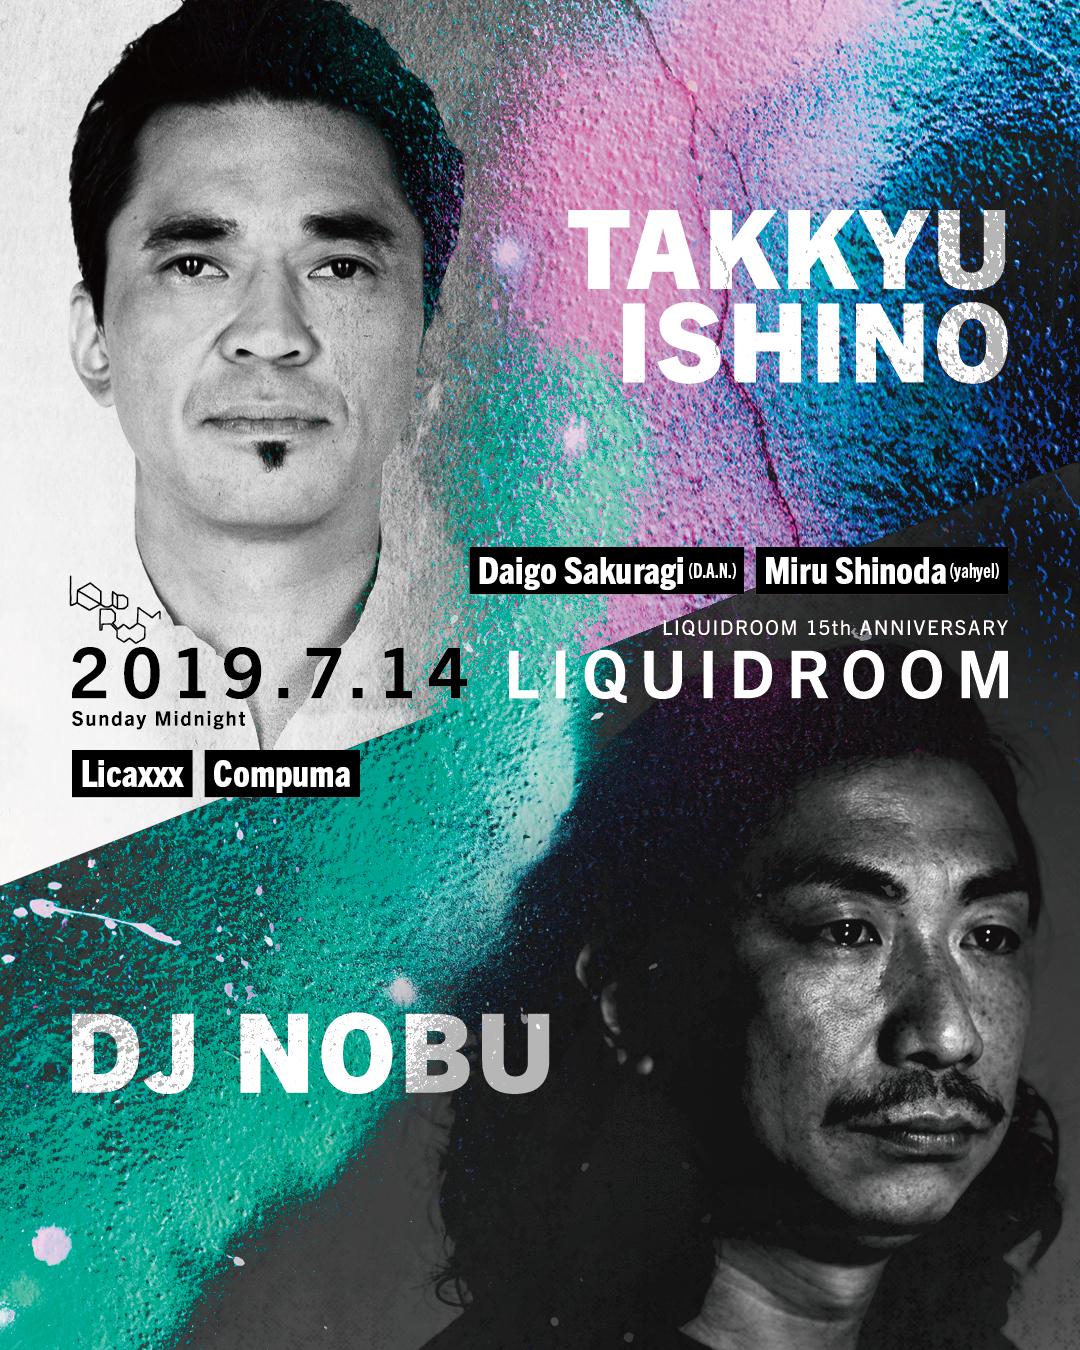 TAKKYU ISHINO / DJ NOBU LIQUIDROOM 15th ANNIVERSARY